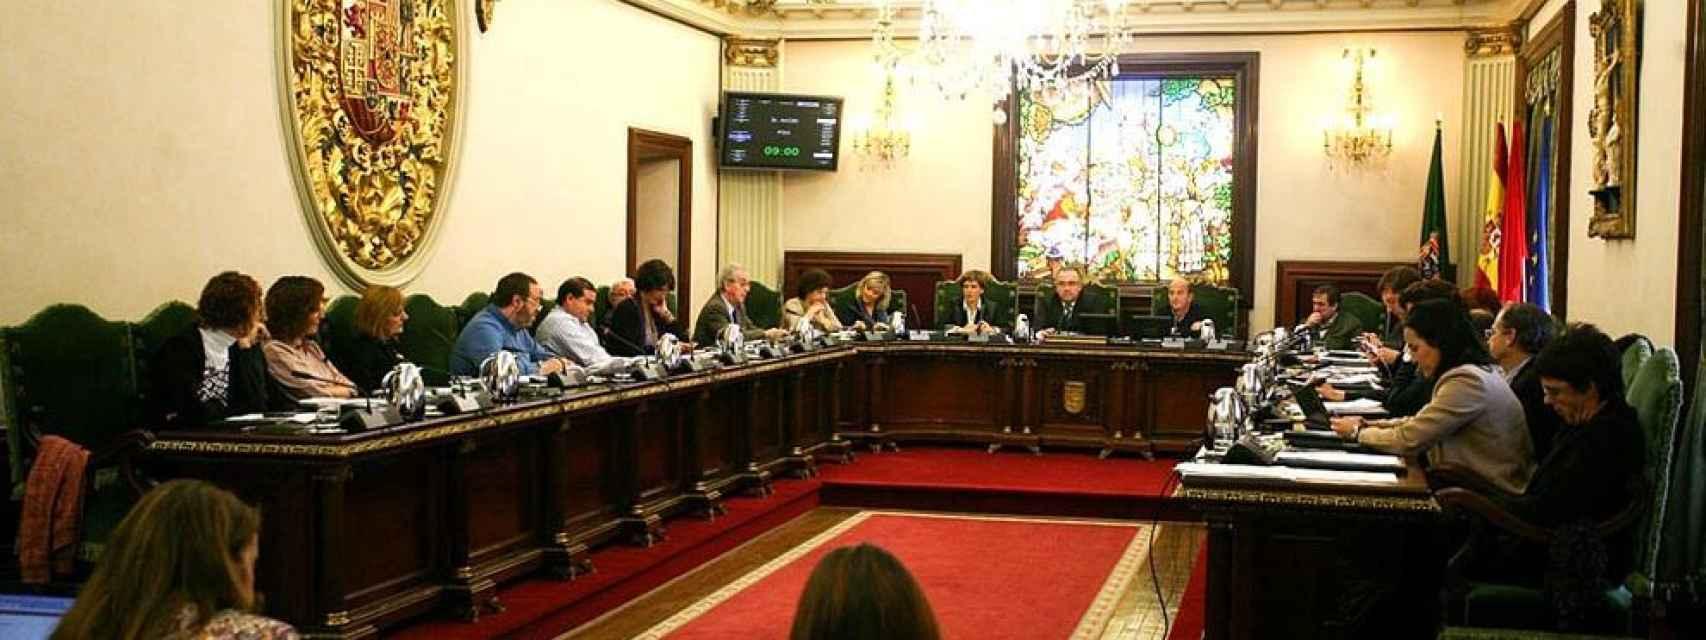 Sala de plenos del Ayuntamiento de Pamplona.